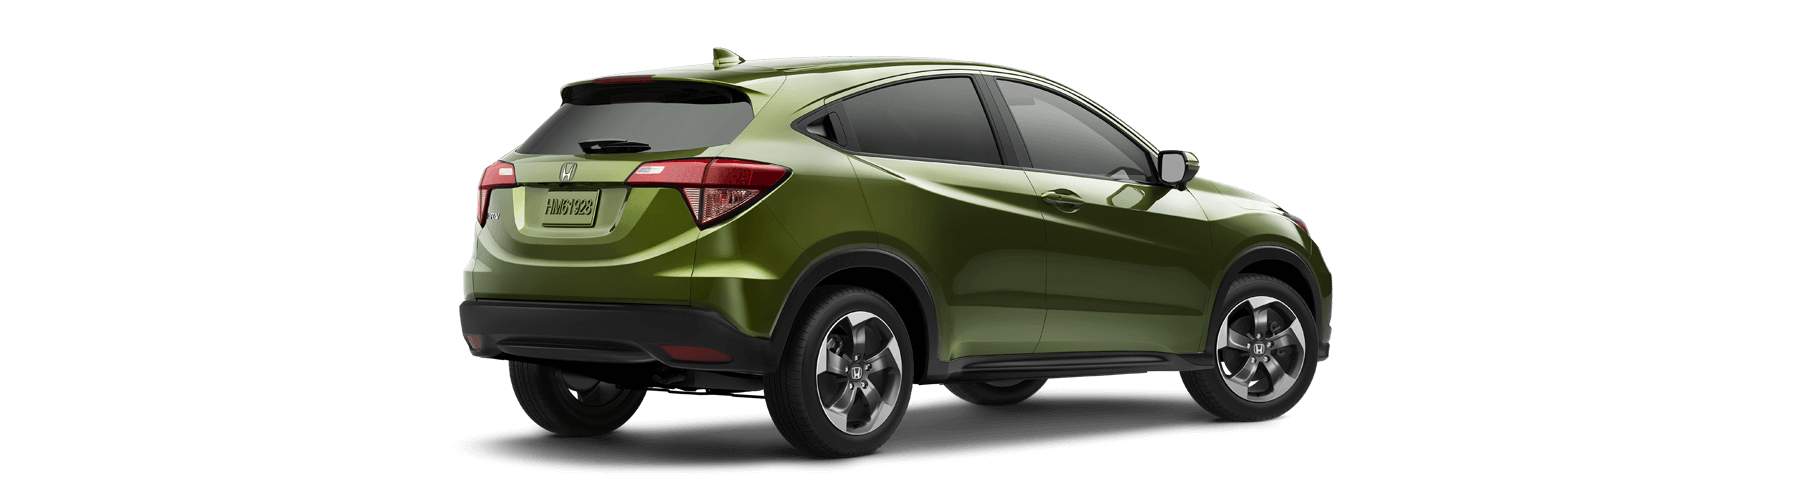 2018 Honda HR-V Rear Angle